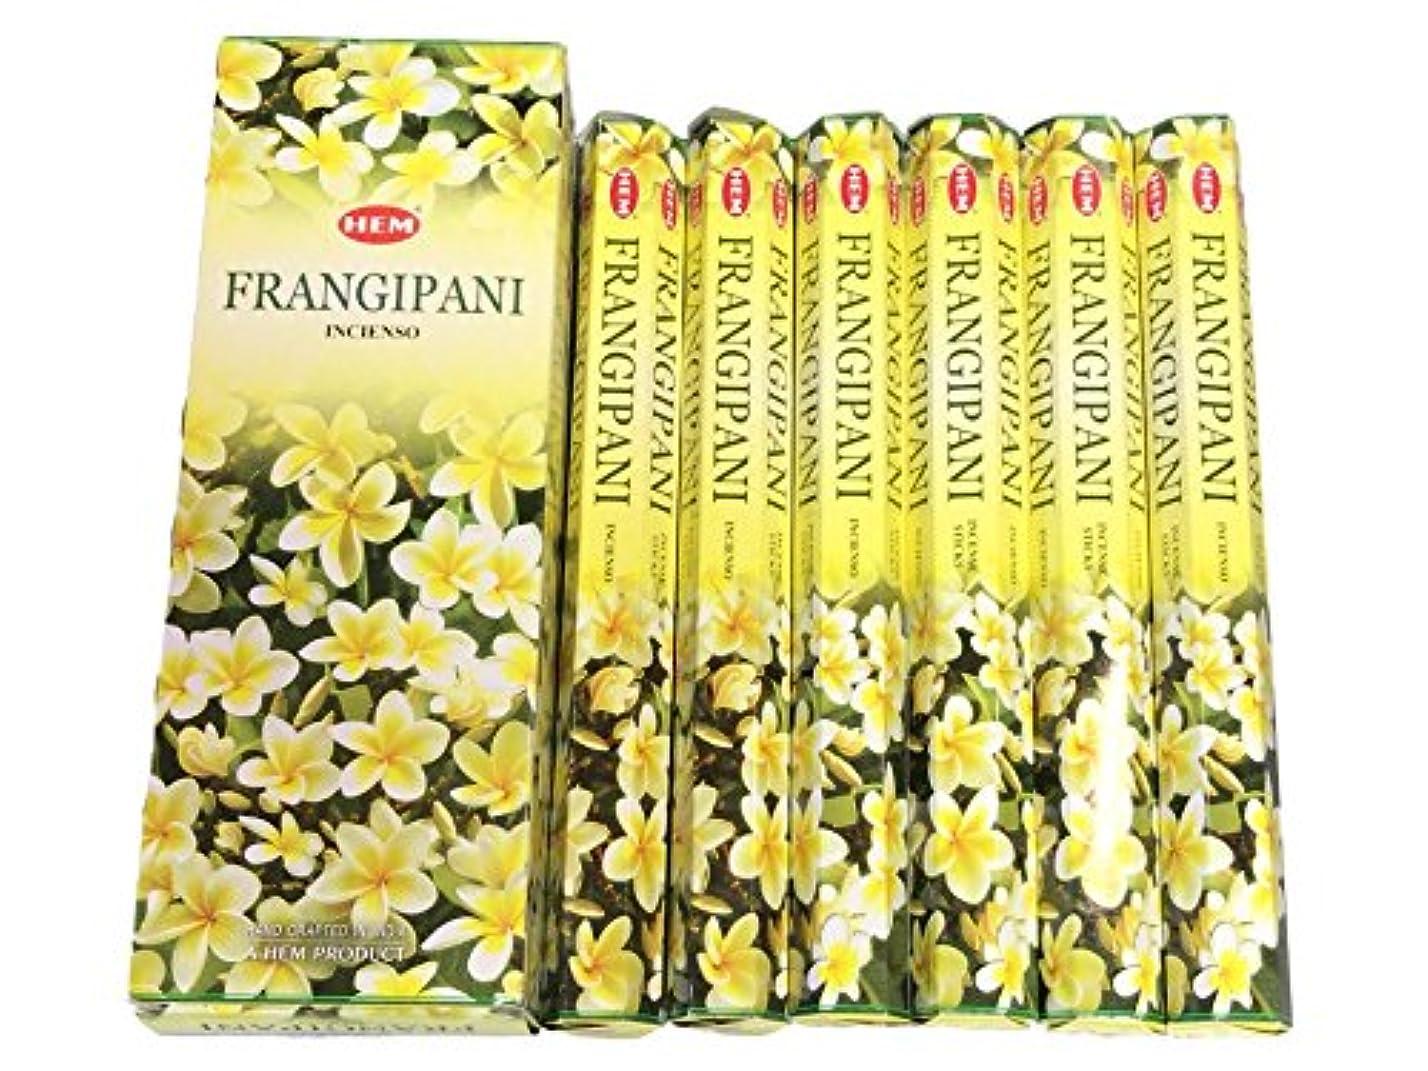 一緒に勇気のあるいとこHEM ヘム フランギパニ FRANGIPANI ステック お香 6箱